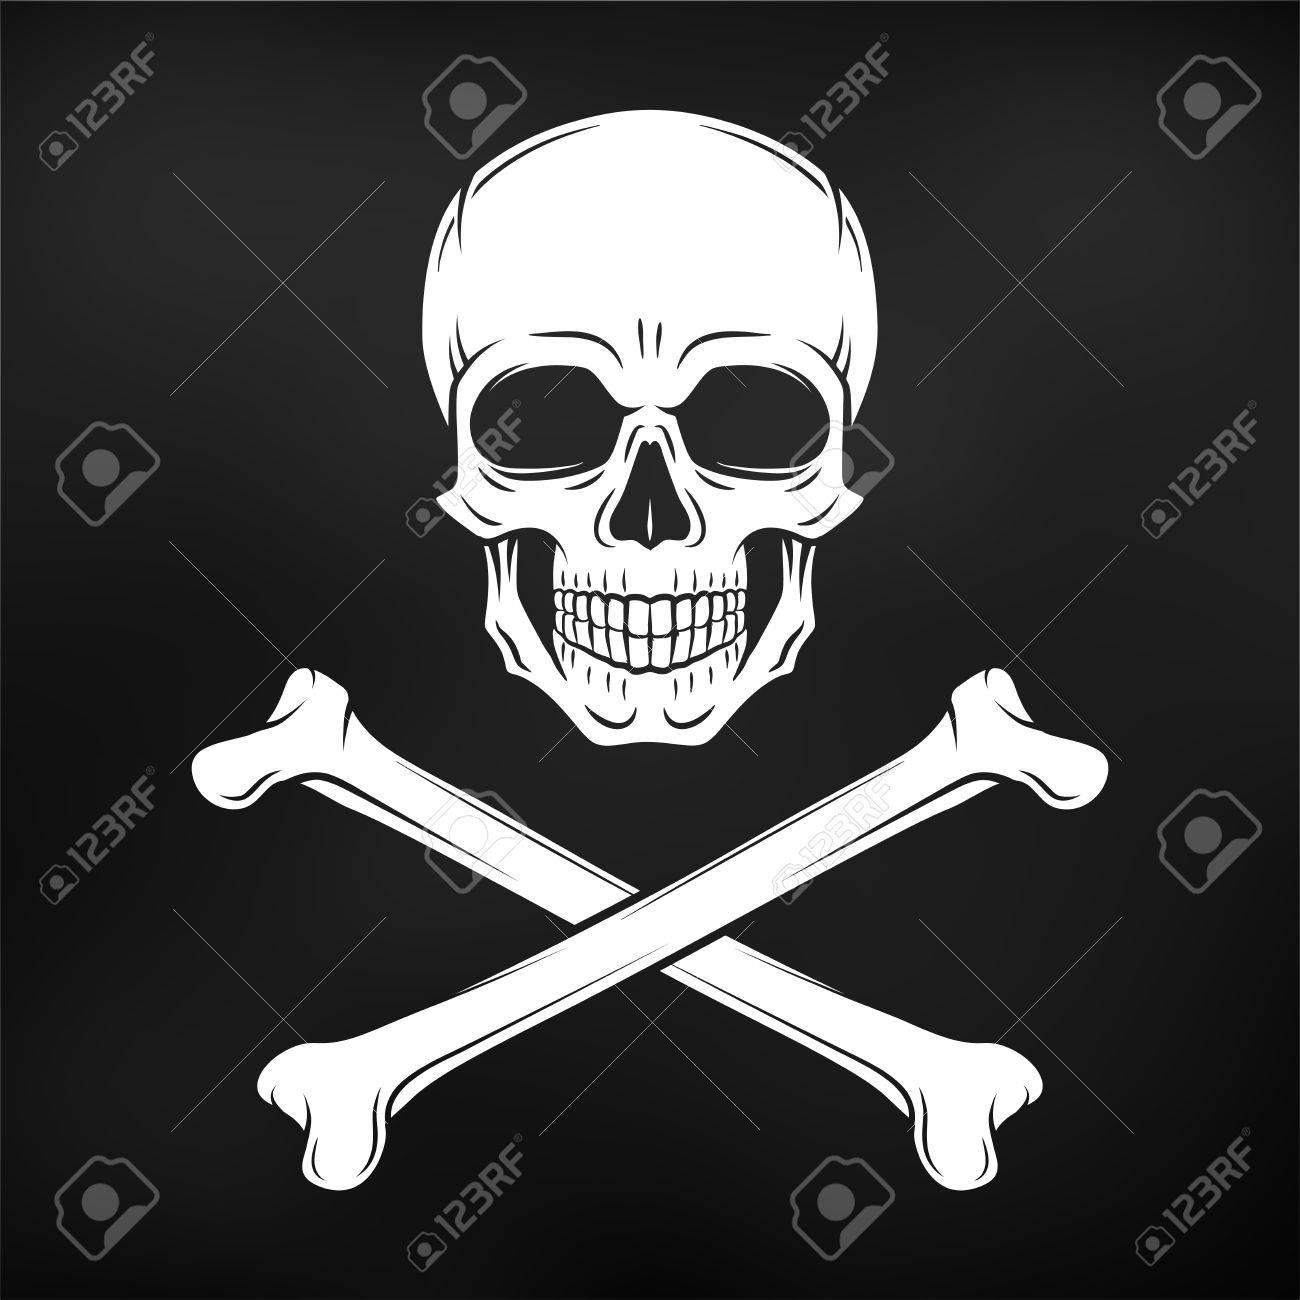 Human evil skull vector  Jolly Roger with crossbones logo template